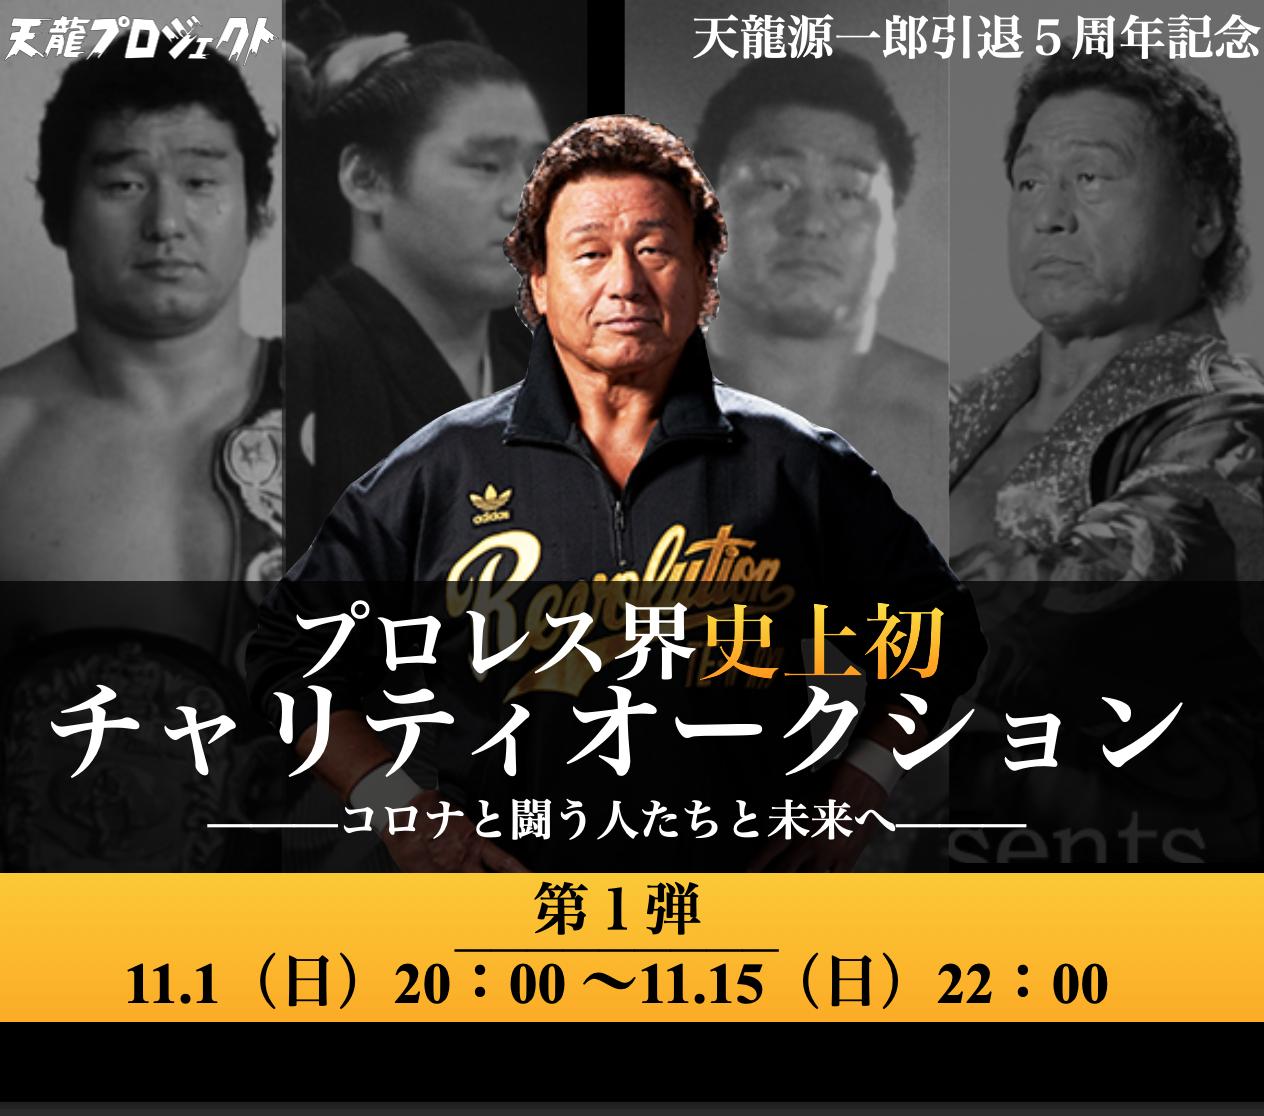 天龍源一郎がコロナと闘う全ての人たちへ初のチャリティオークションを開催